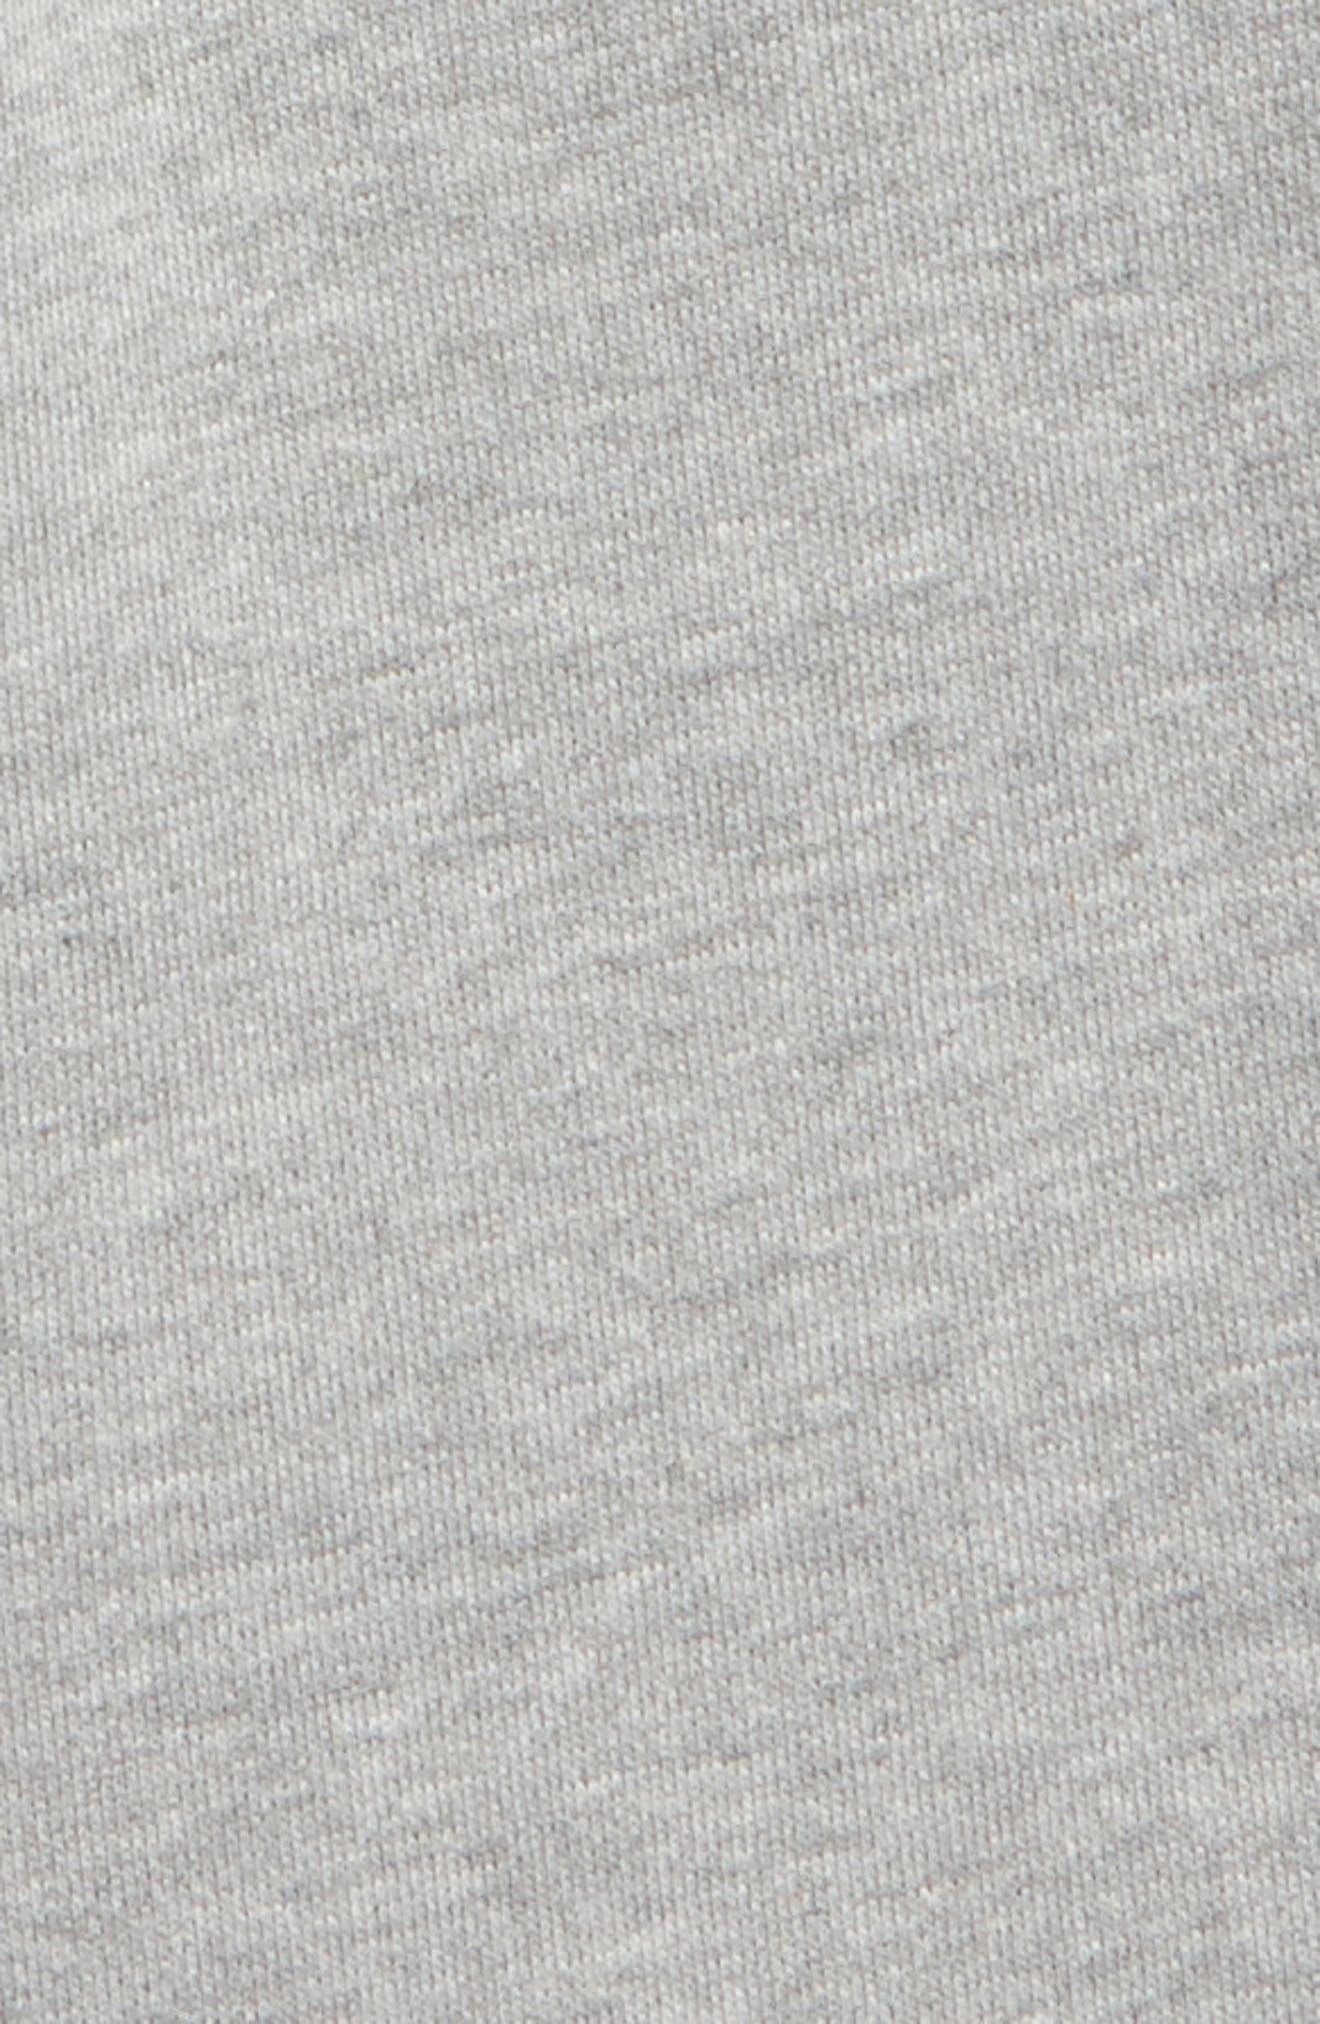 Crop Sweatpants,                             Alternate thumbnail 3, color,                             020